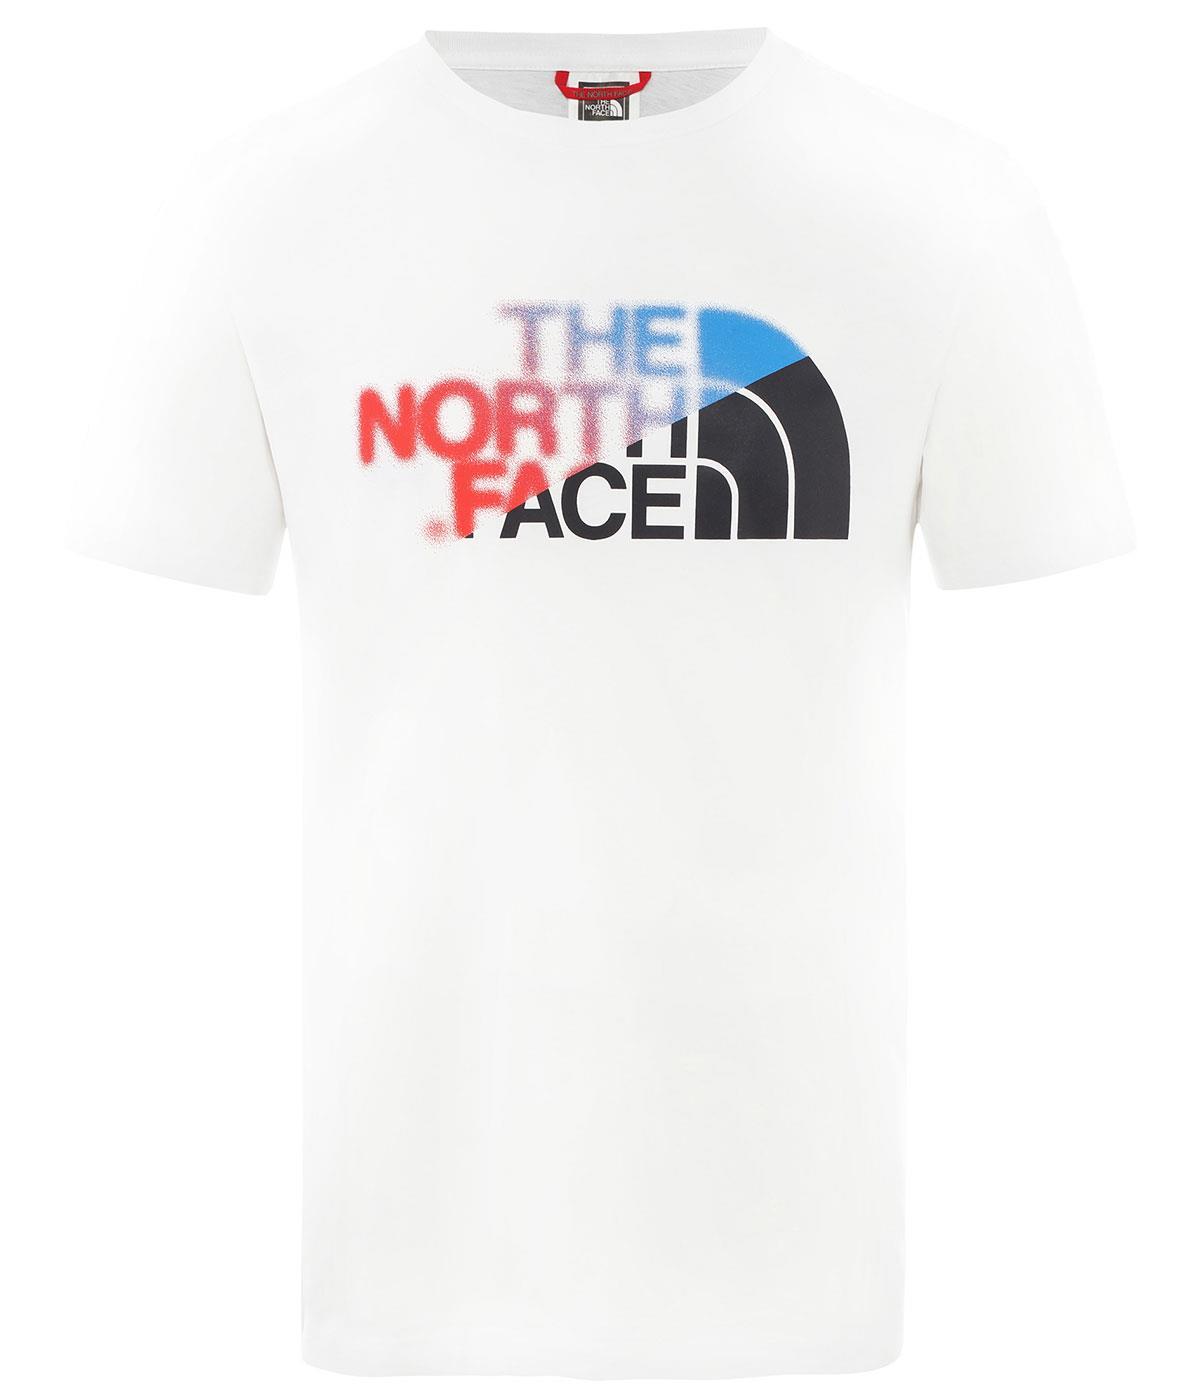 The Northface Erkek SS BD GLS - EU NF0A4M6OBBD1